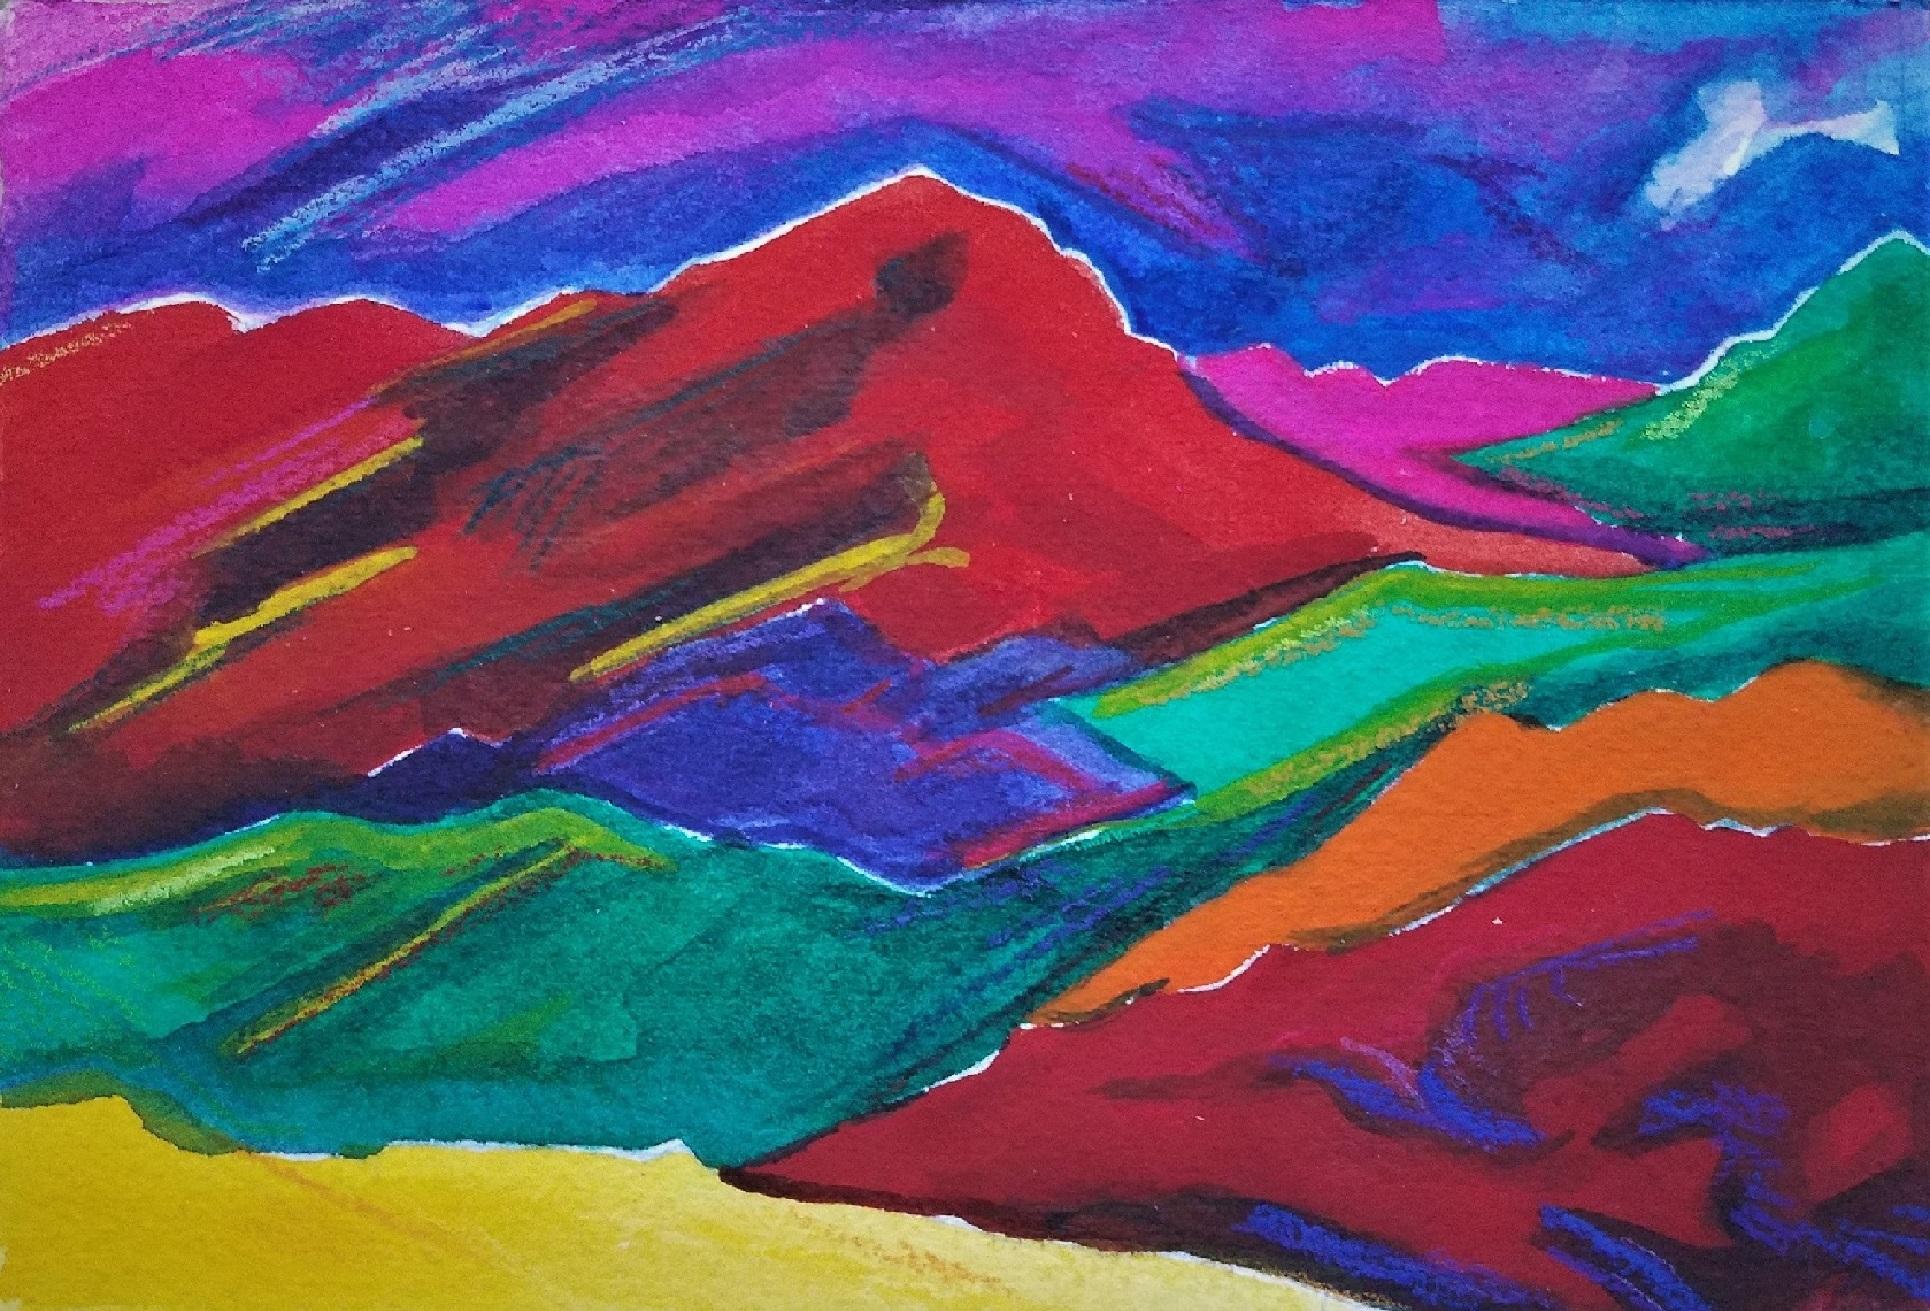 Red, Watercolor & Color pencil, 4x6